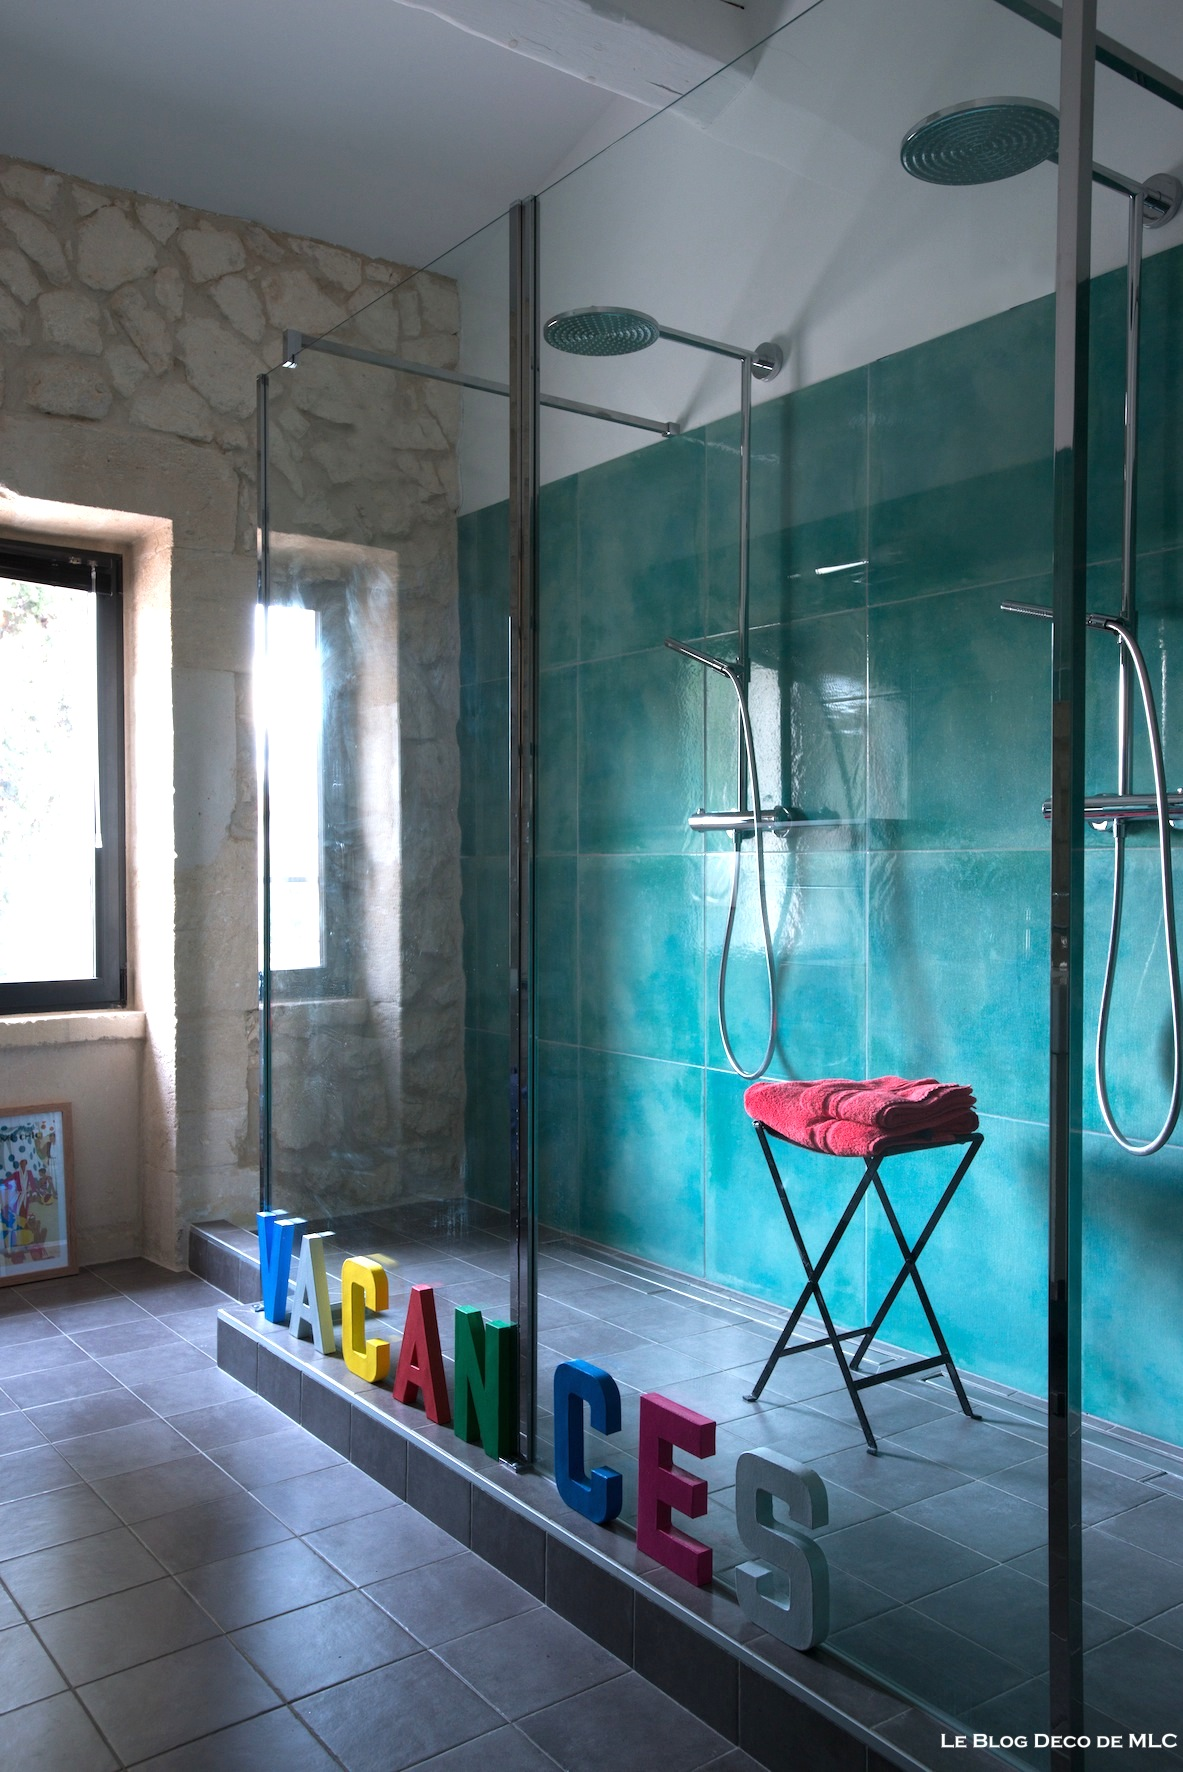 salle de bain noir et turquoise - salle de bain douche l 39 italienne s lection lavabo